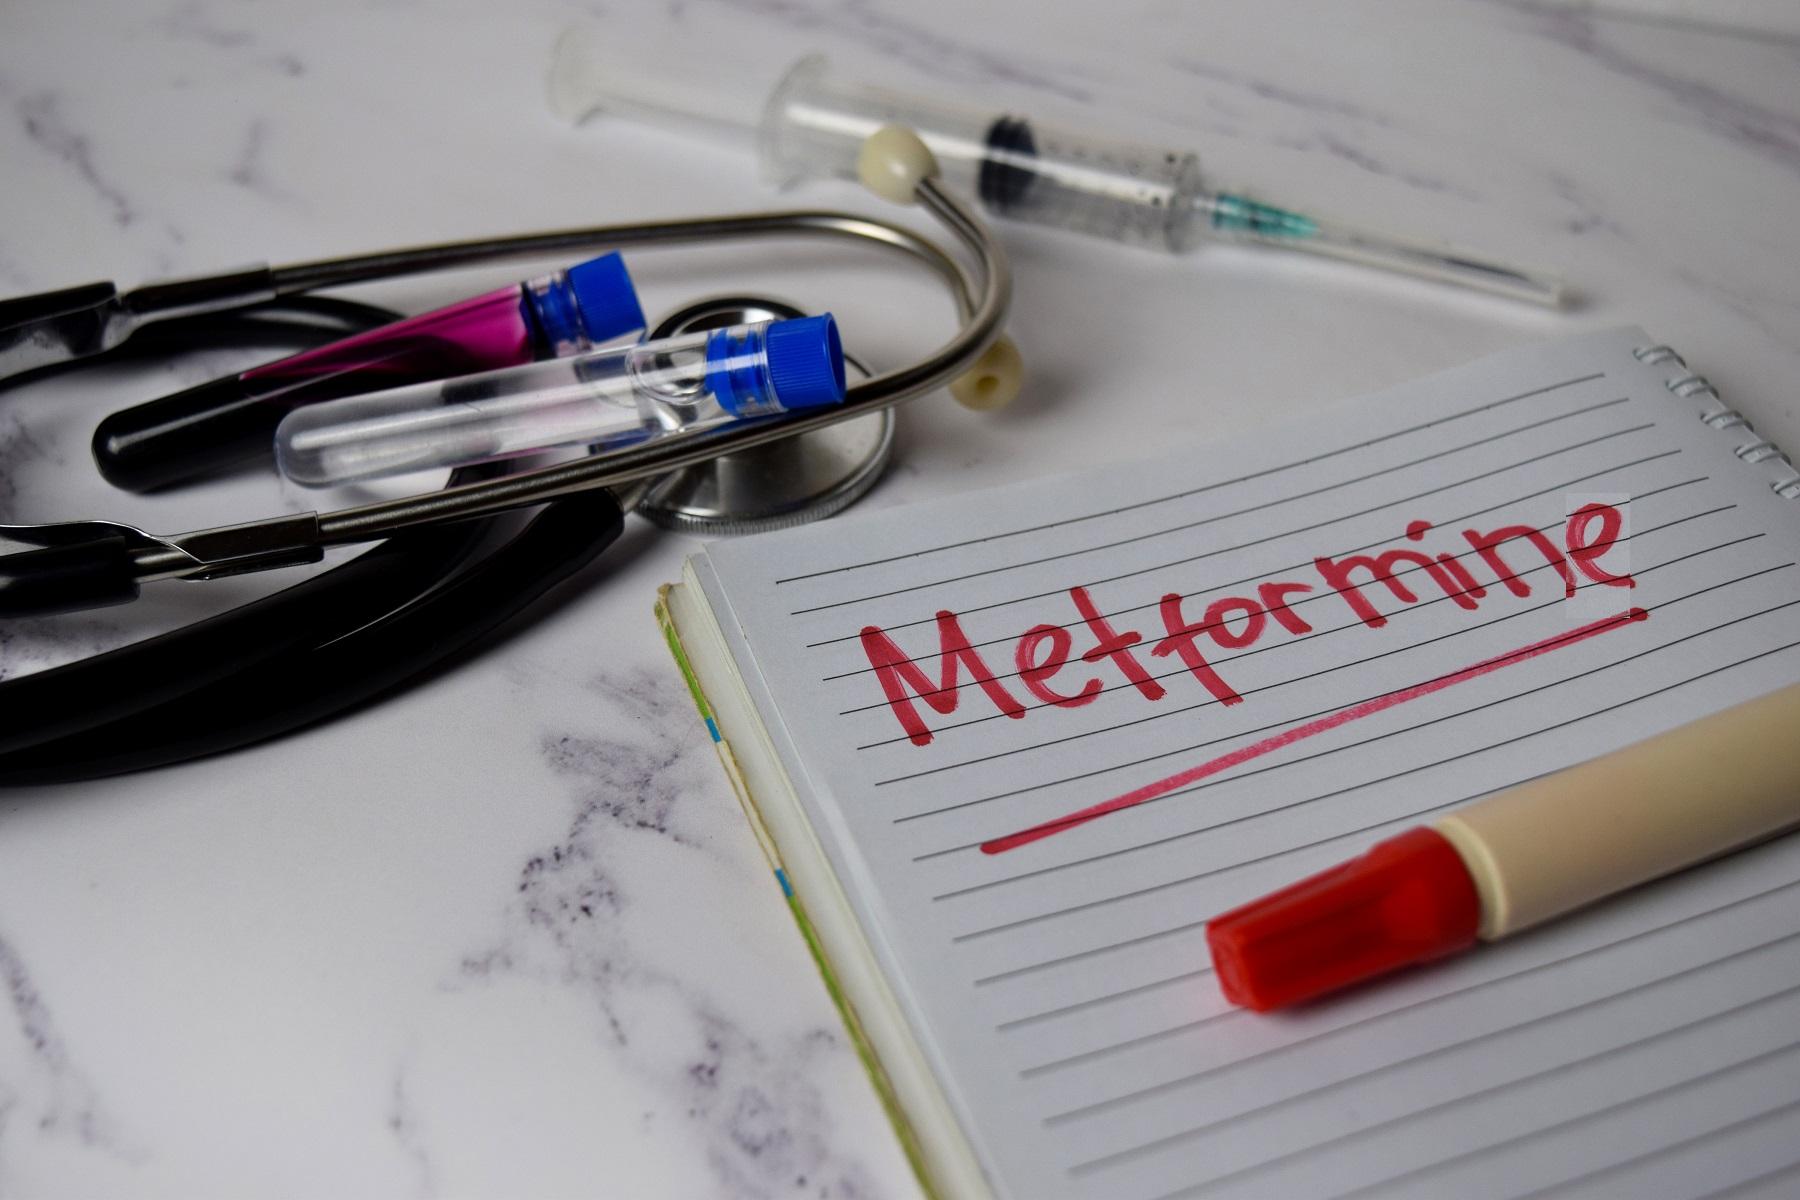 La metformine semble réduire le risque de décès lié au COVID-19 chez les femmes atteintes de diabète ou d'obésité (Visuel Adobe Stock 335968120)